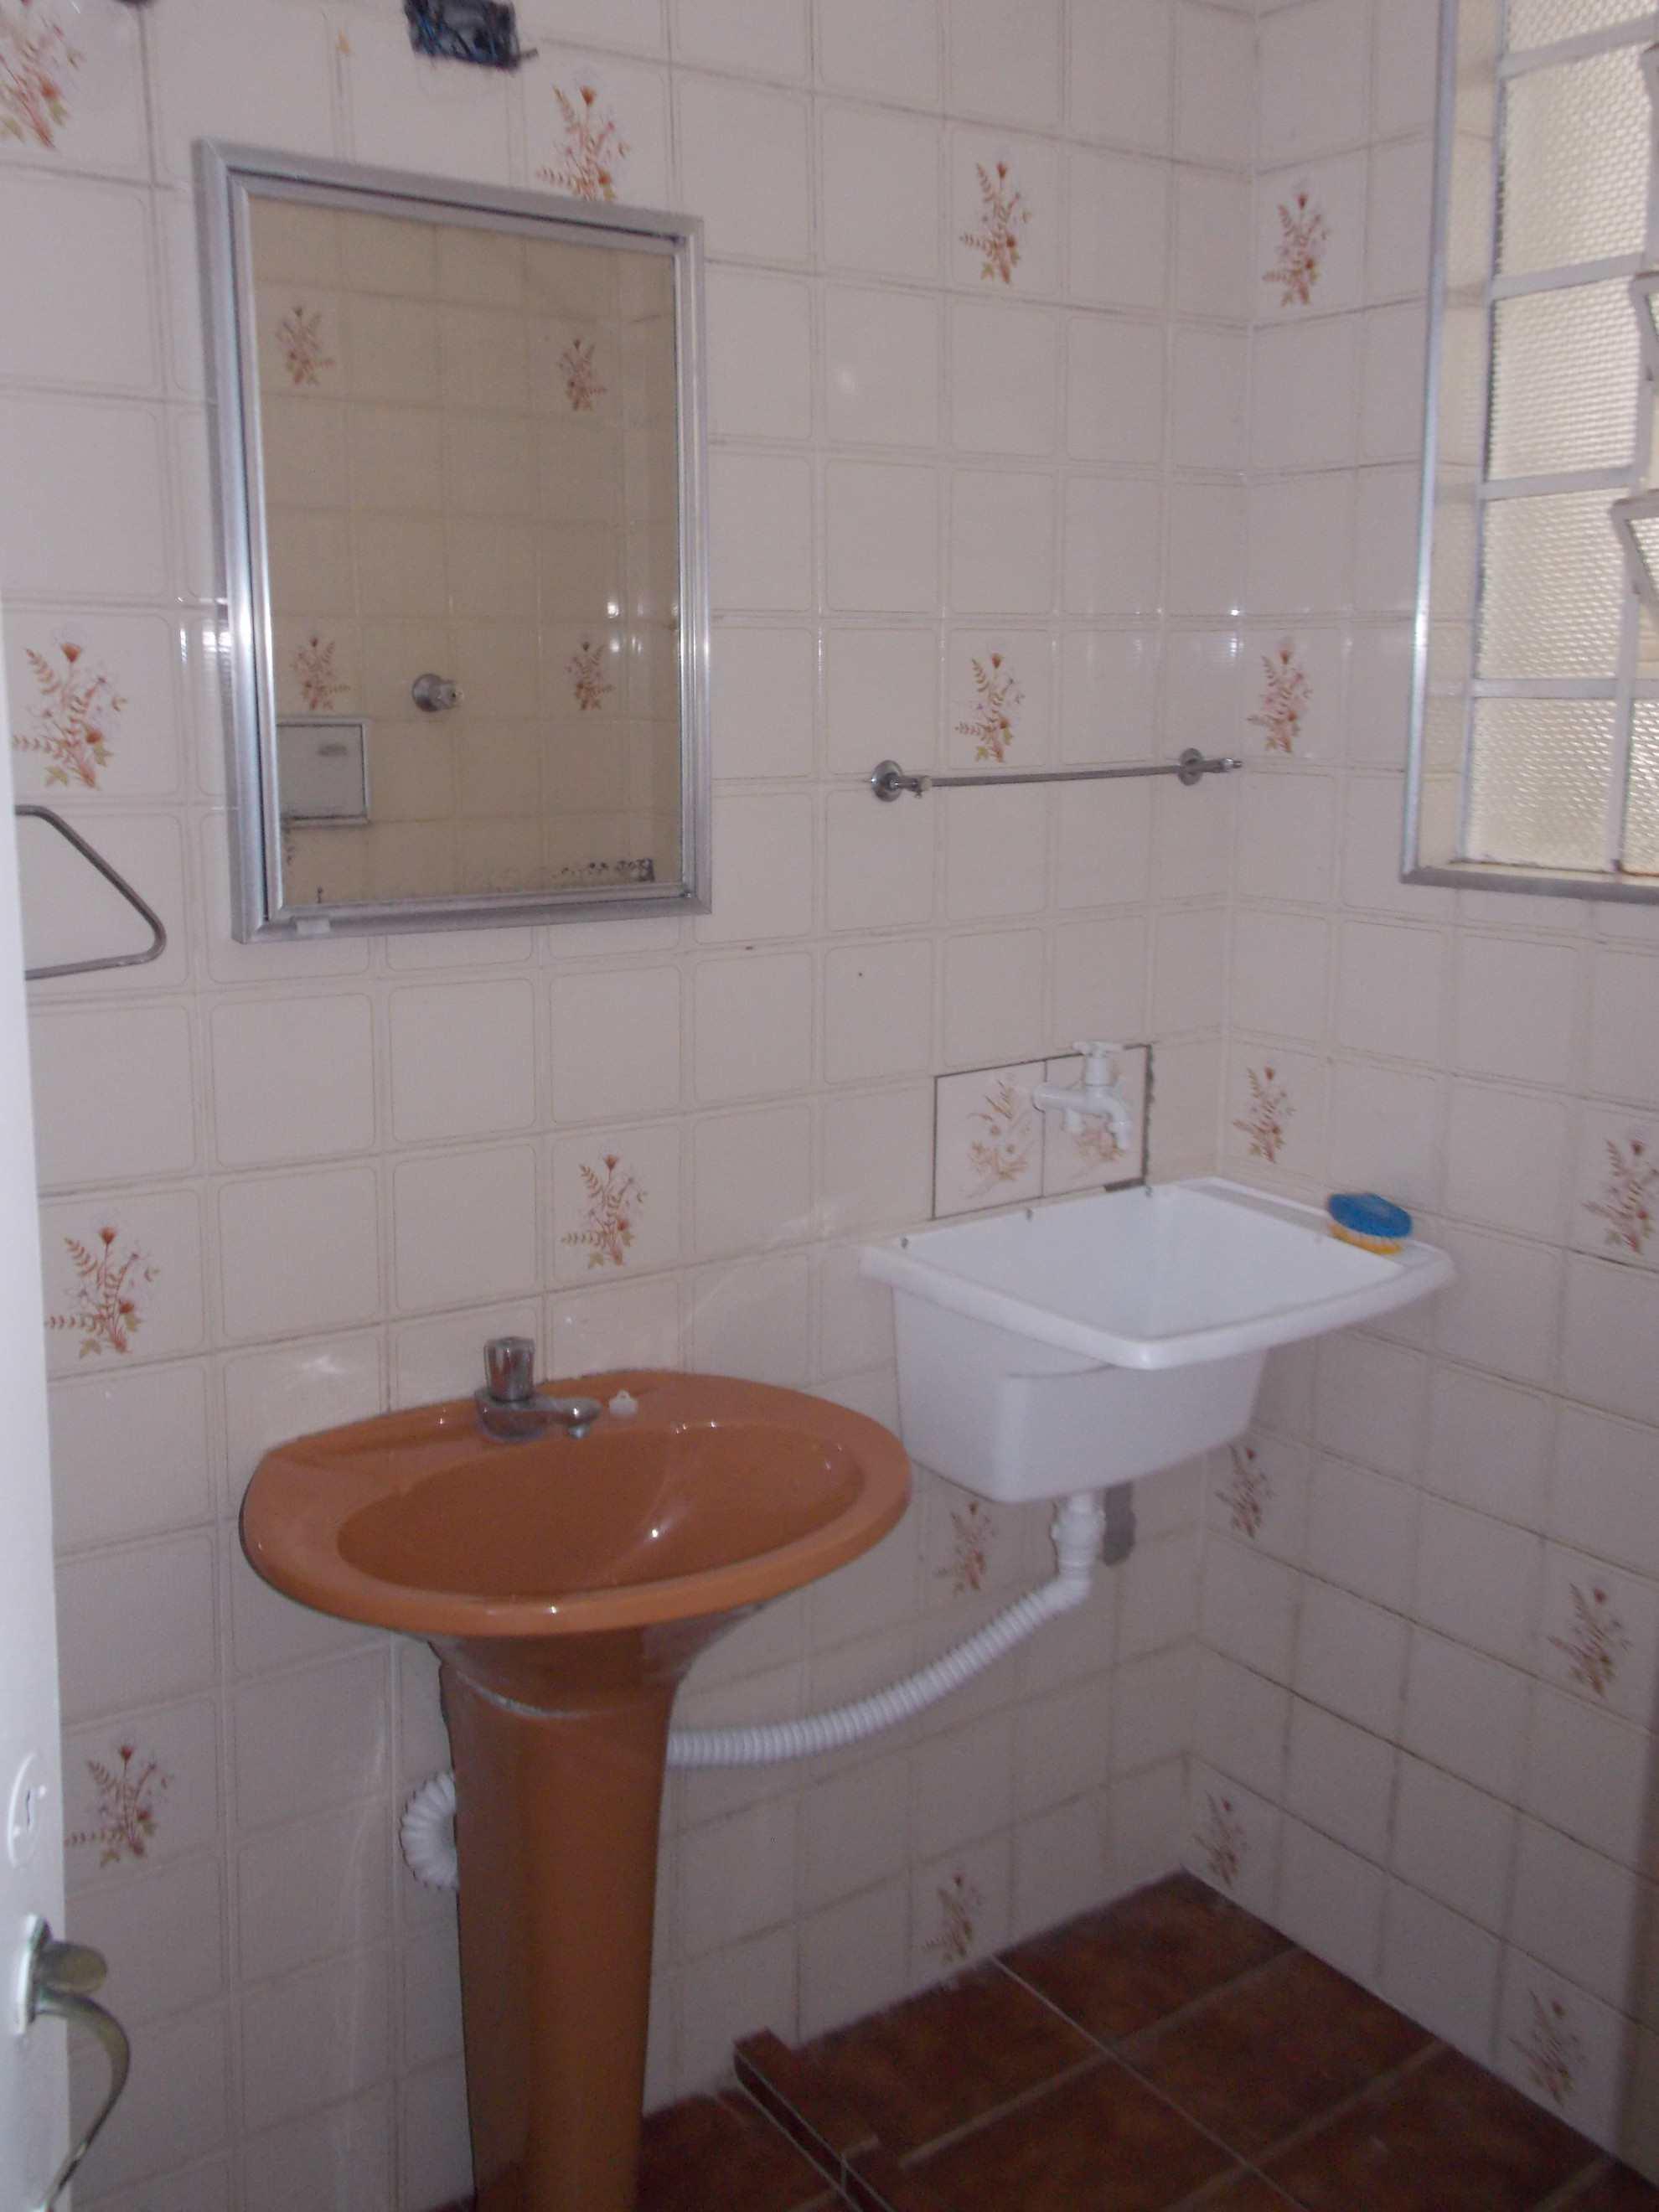 C - Banheiro (1)